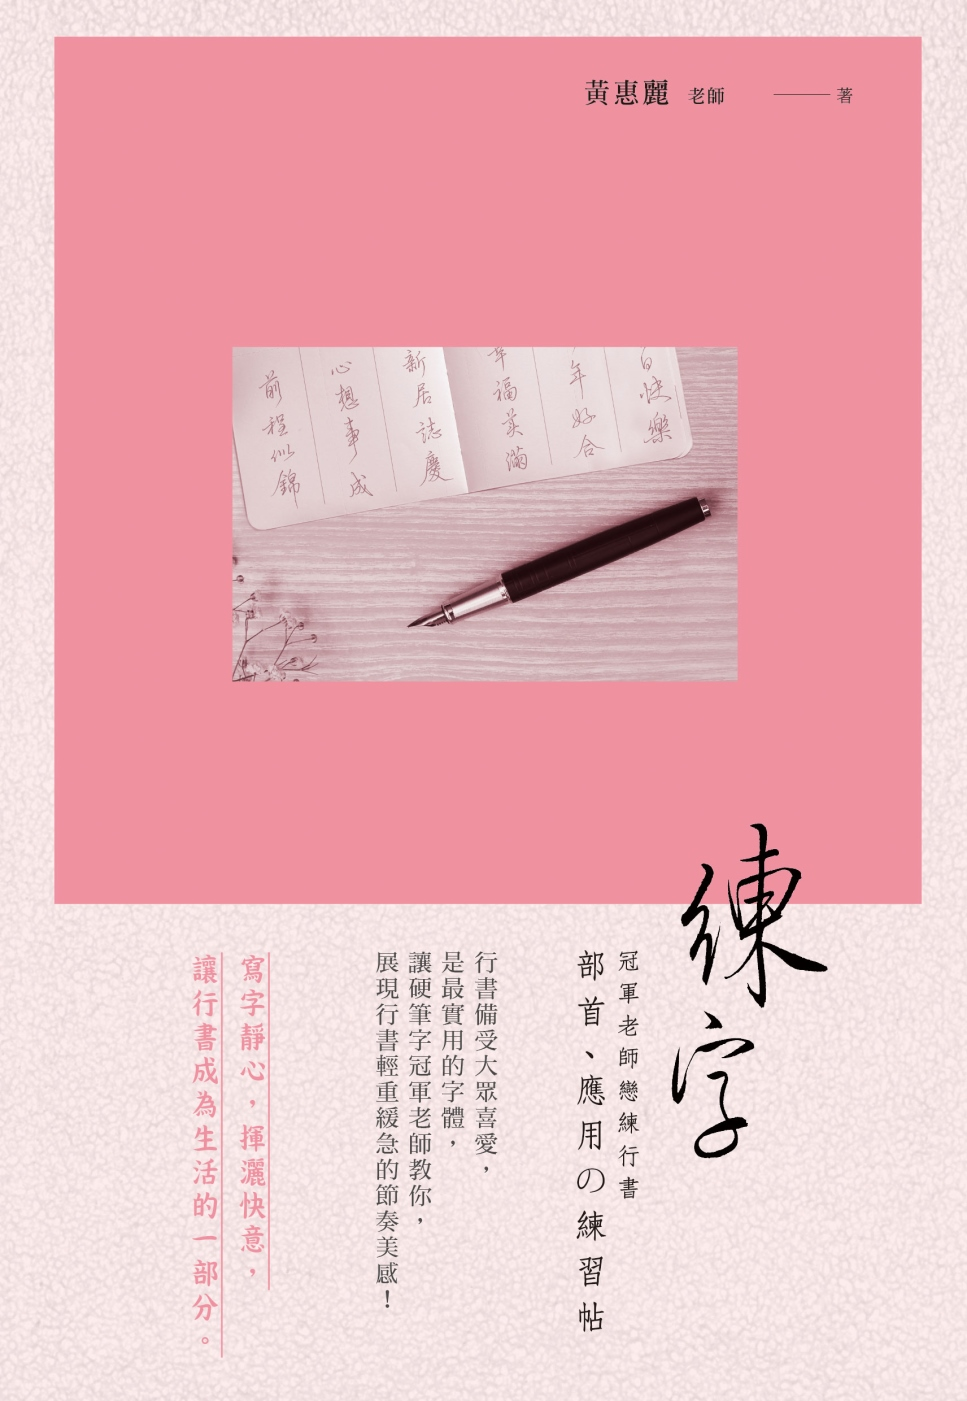 練字:冠軍老師戀練行書 部首﹑...